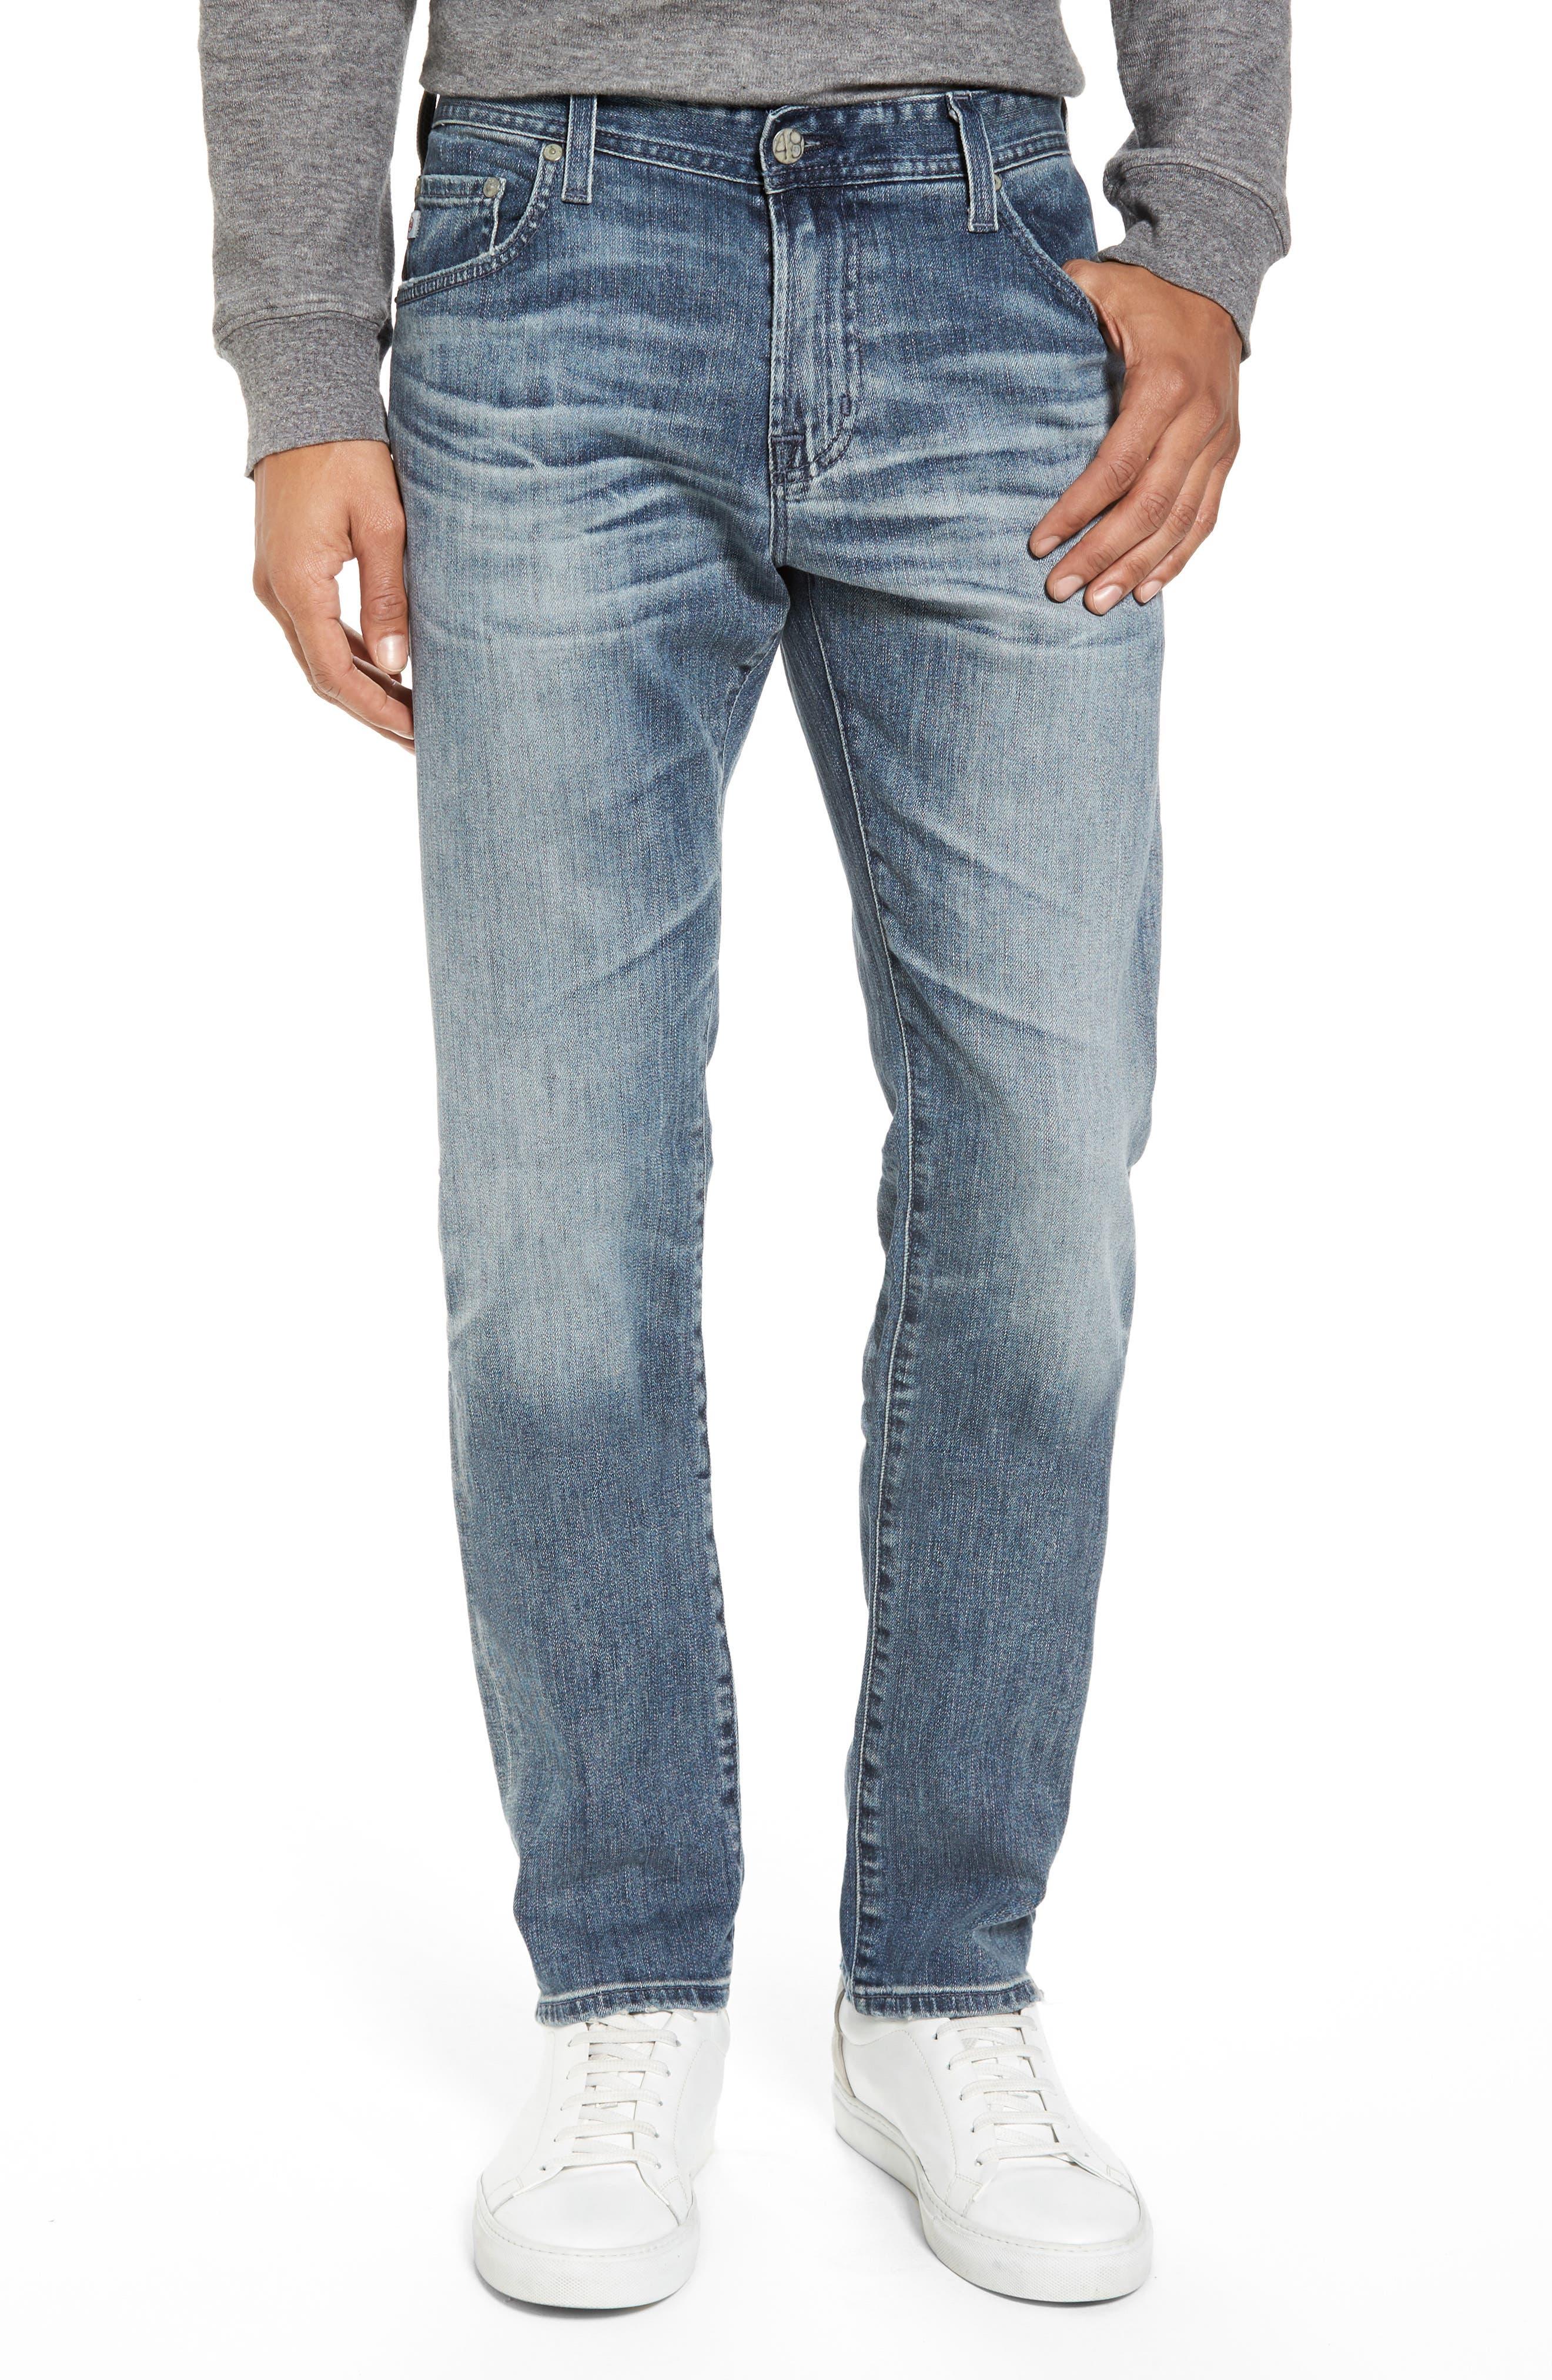 Tellis Slim Fit Jeans,                         Main,                         color, 487